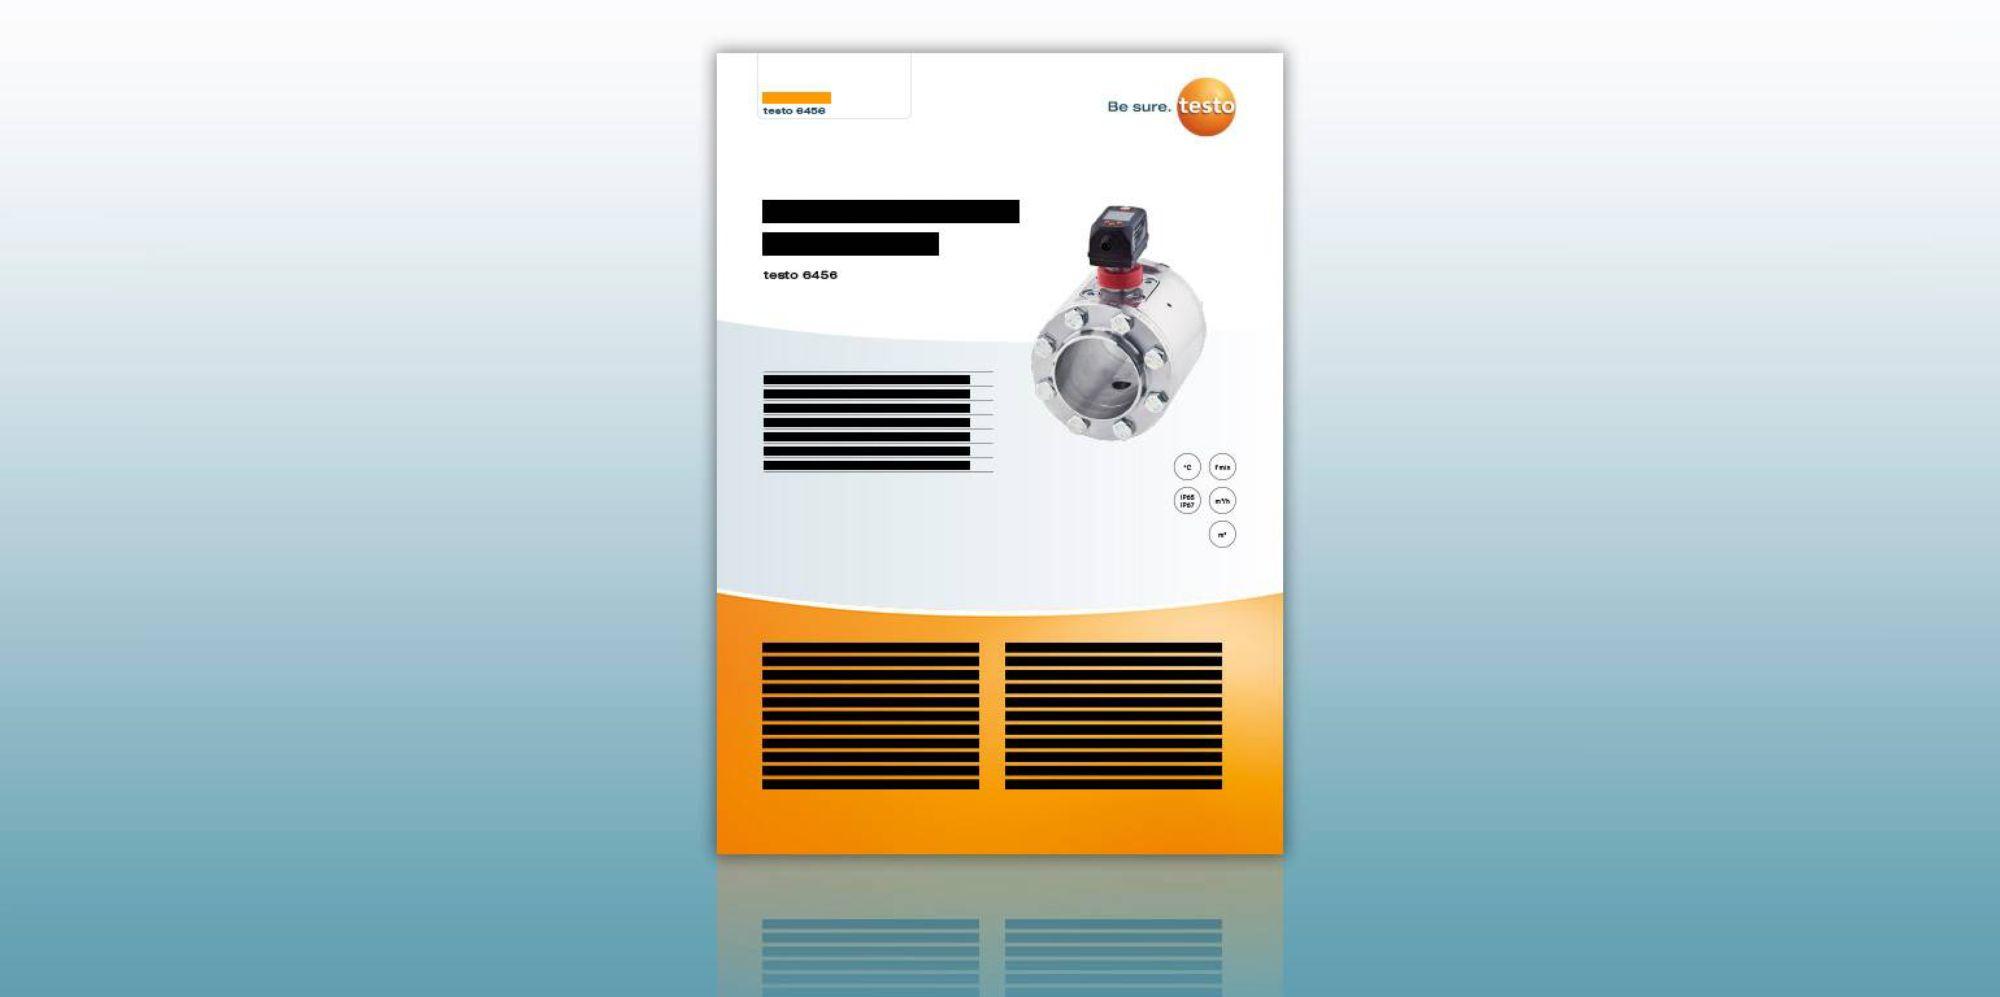 Teaser-testo-sensor-Datasheet-6456-1540x768.jpg